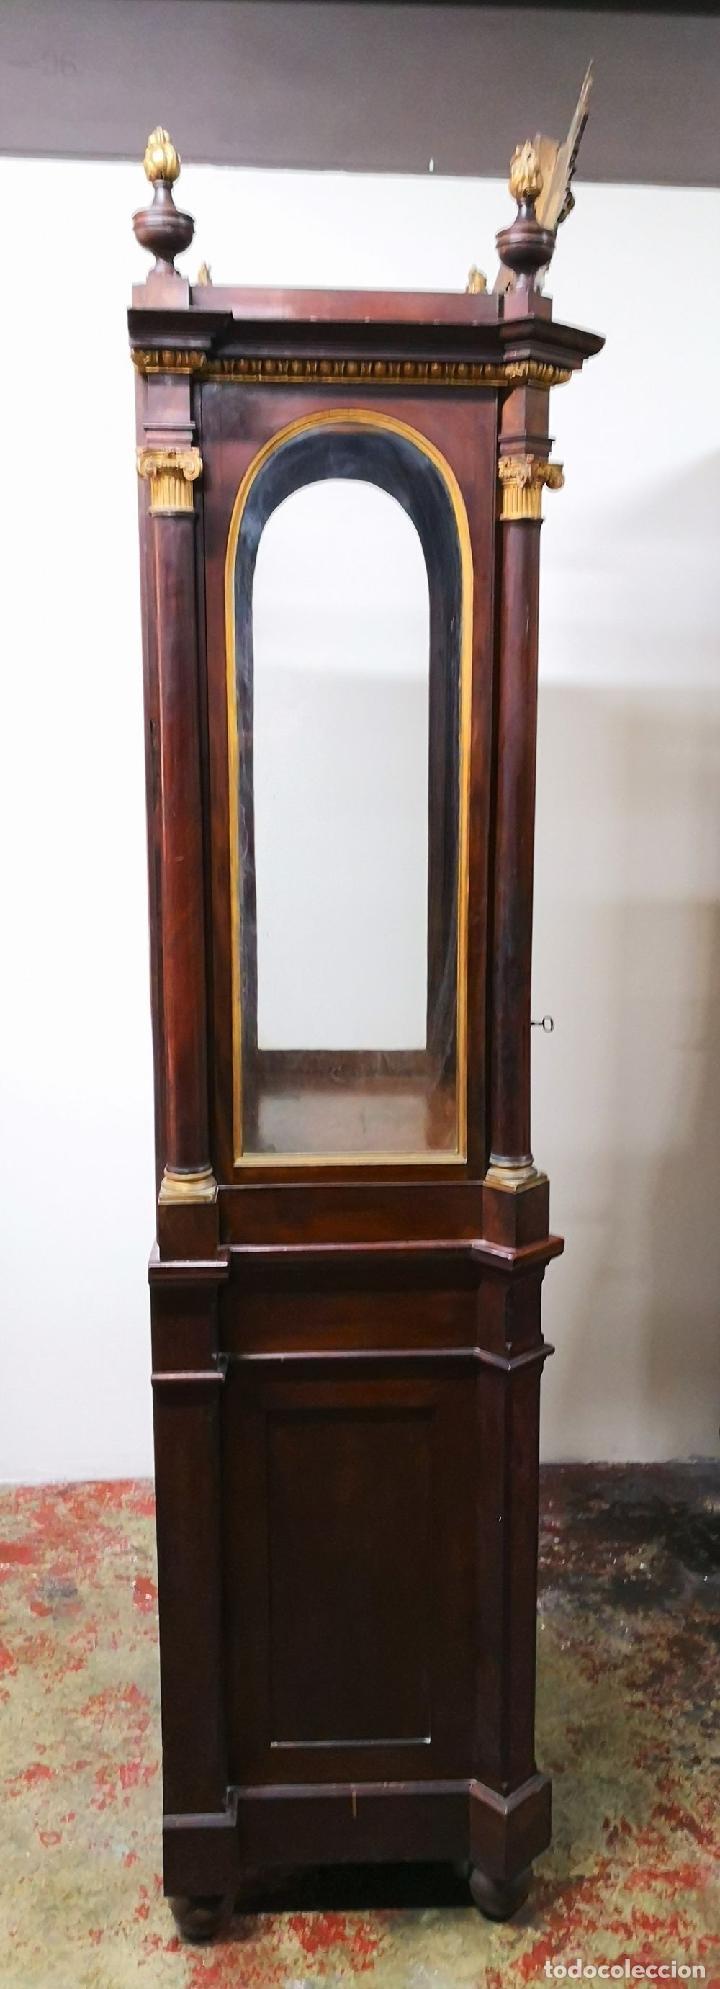 Antigüedades: CAPILLA PARA IMAGEN O VITRINA. MADERA DE CAOBA. ESTILO IMPERIO. ESPAÑA. PRINCIPIOS SIGLO XIX. - Foto 17 - 198116480